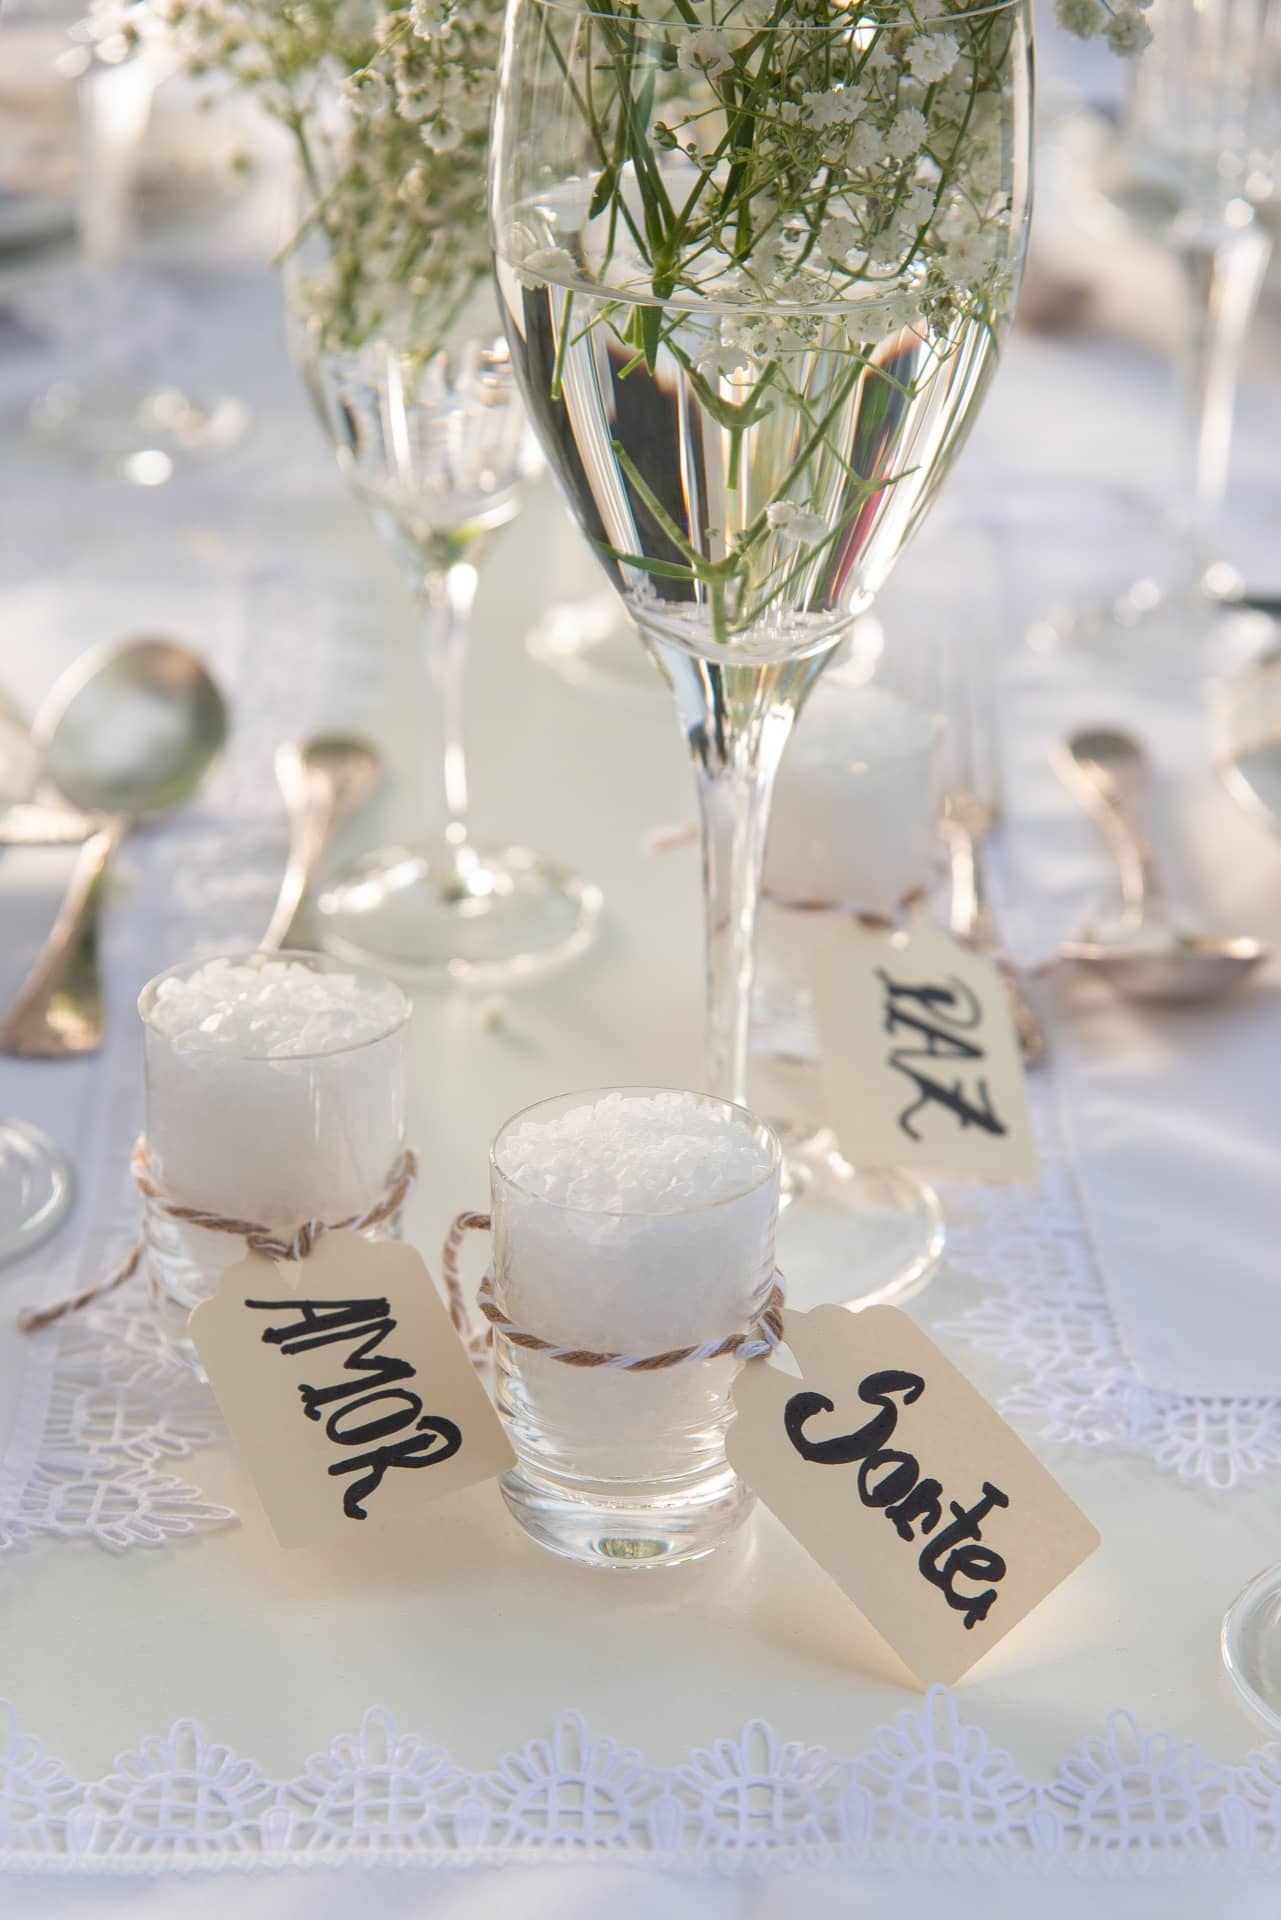 Imagem: Copinhos de cachaça com sal grosso e etiquetas com votos de paz, amor e sorte, atraem boas energias para a mesa posta de Ano Novo. Foto: Cacá Bratke